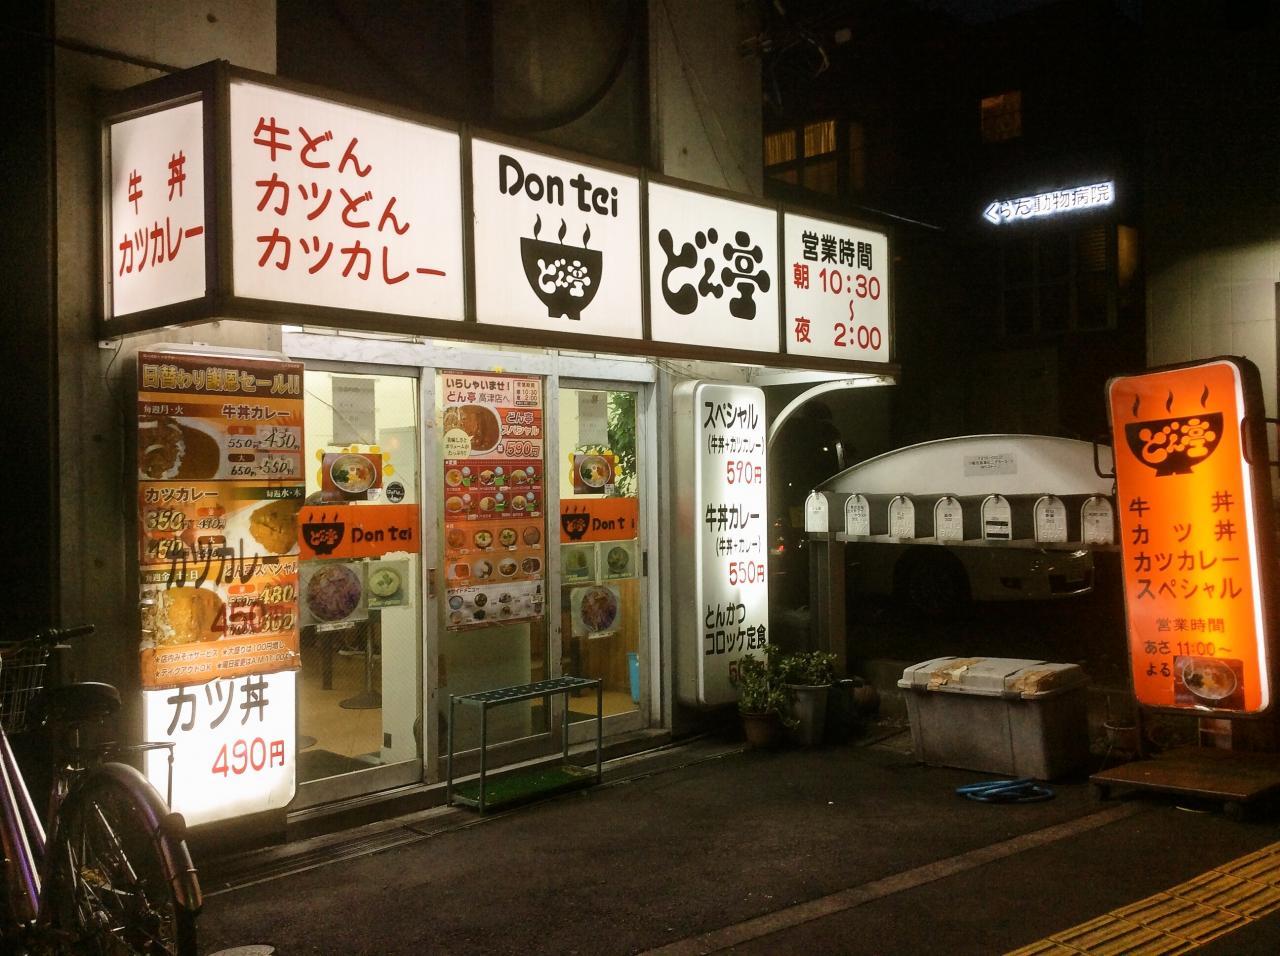 どん亭高津店(店舗外観)